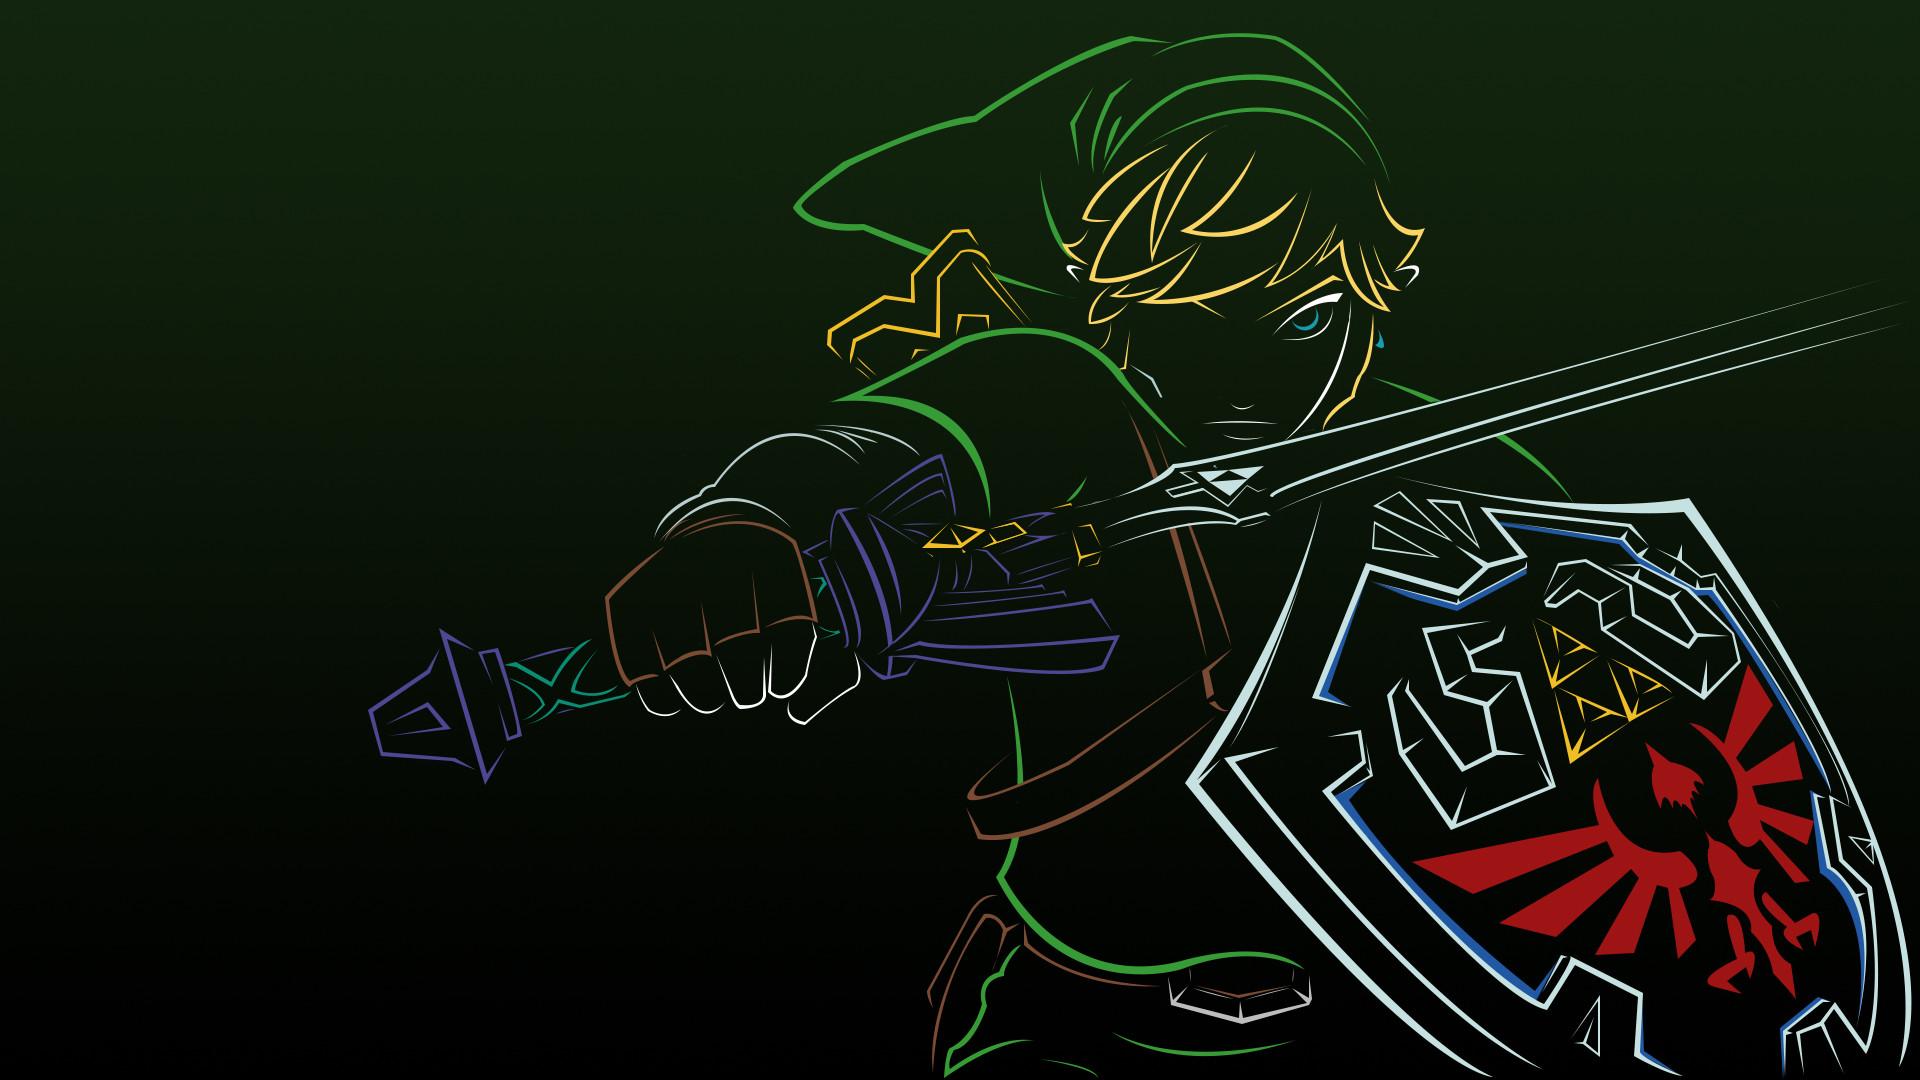 Zelda Computer Wallpapers, Desktop Backgrounds | | ID:417286